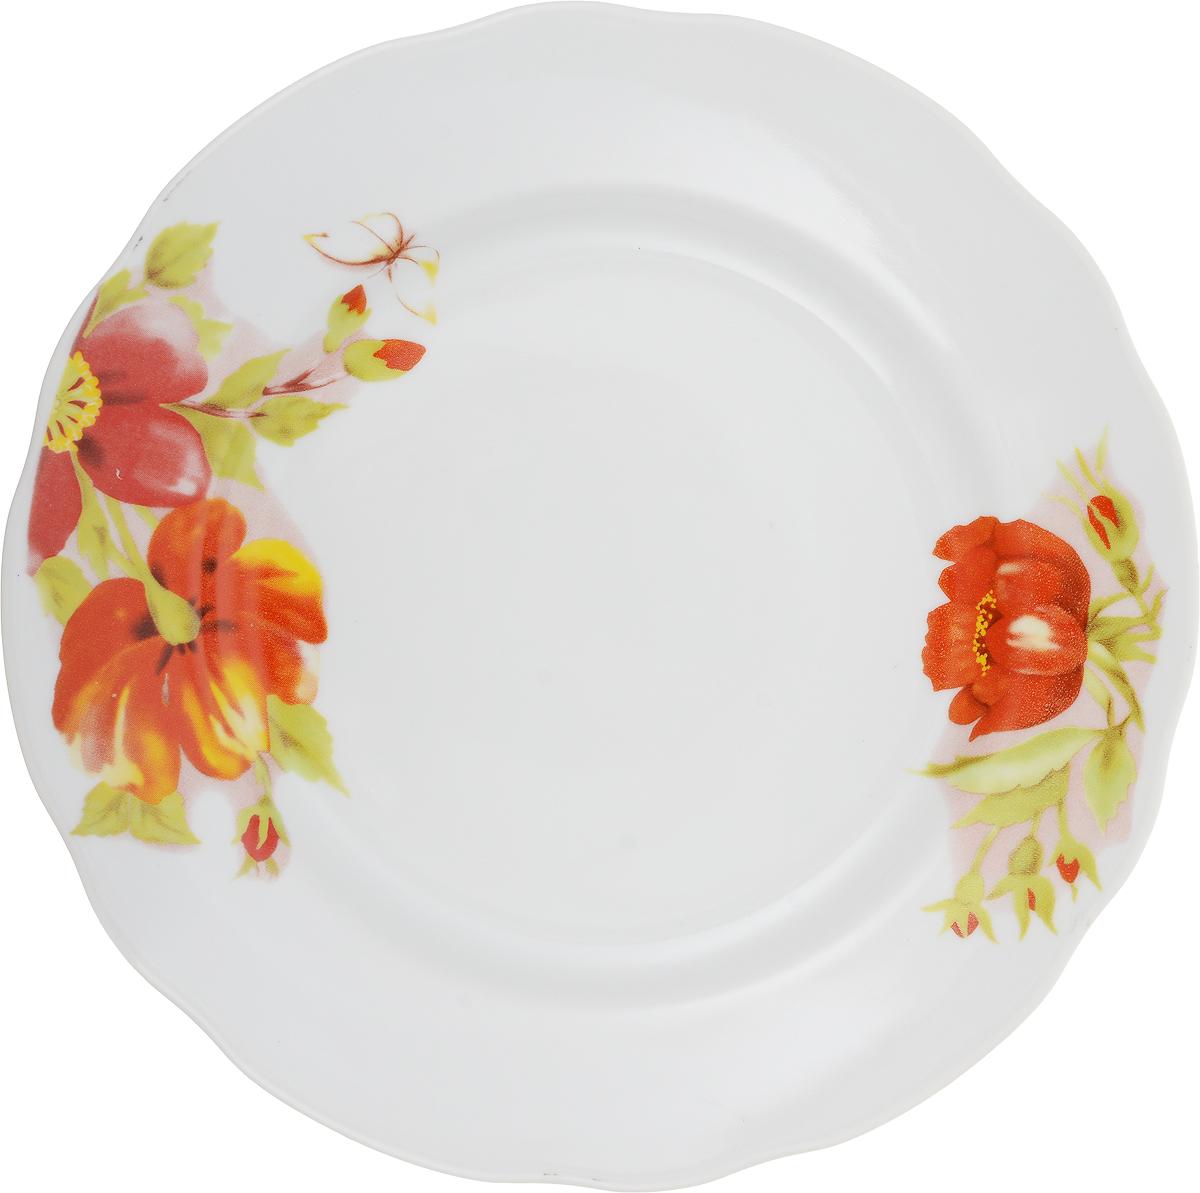 """Тарелка Дулевский Фарфор """"Альпийские цветы красные"""" выполнена из высококачественного фарфора, покрытого глазурью. Изделие дополнено красочным цветочным рисунком и вырезным краем. Такая тарелка отлично подойдет для подачи десертов, а также нарезок или закусок."""